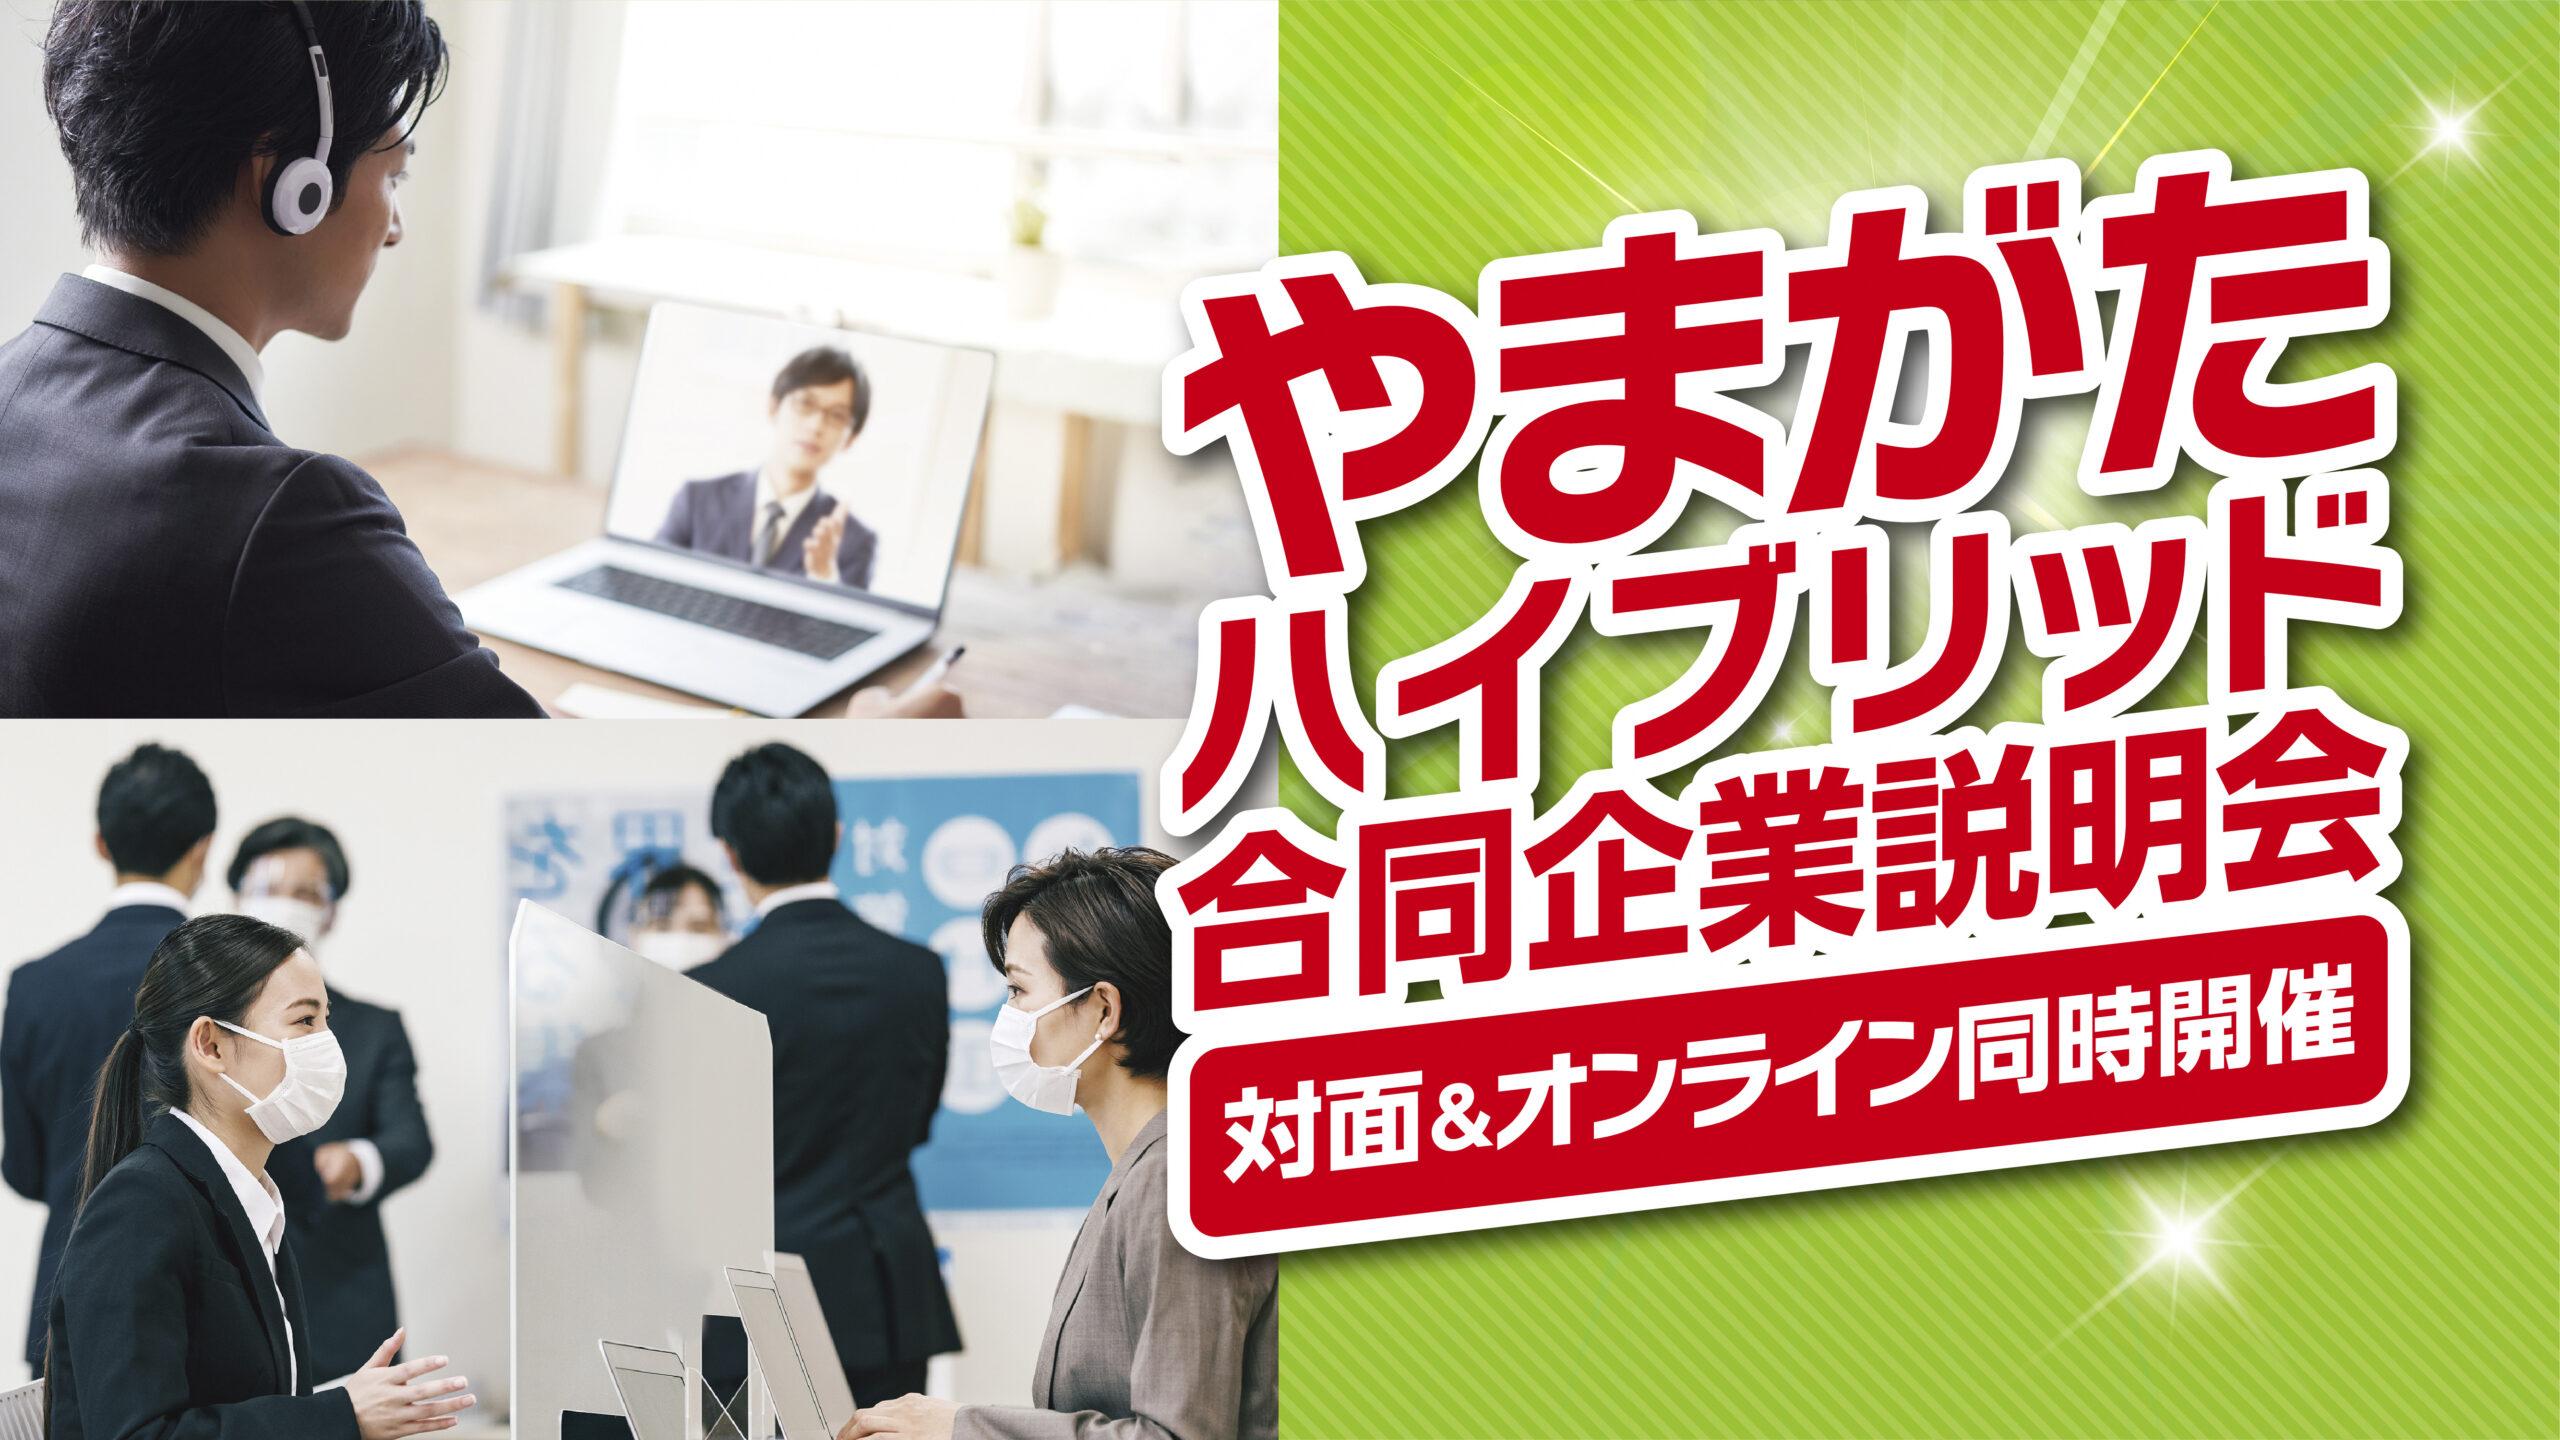 (6月29日(火)・30日(水))やまがたハイブリッド合同企業説明会 開催!